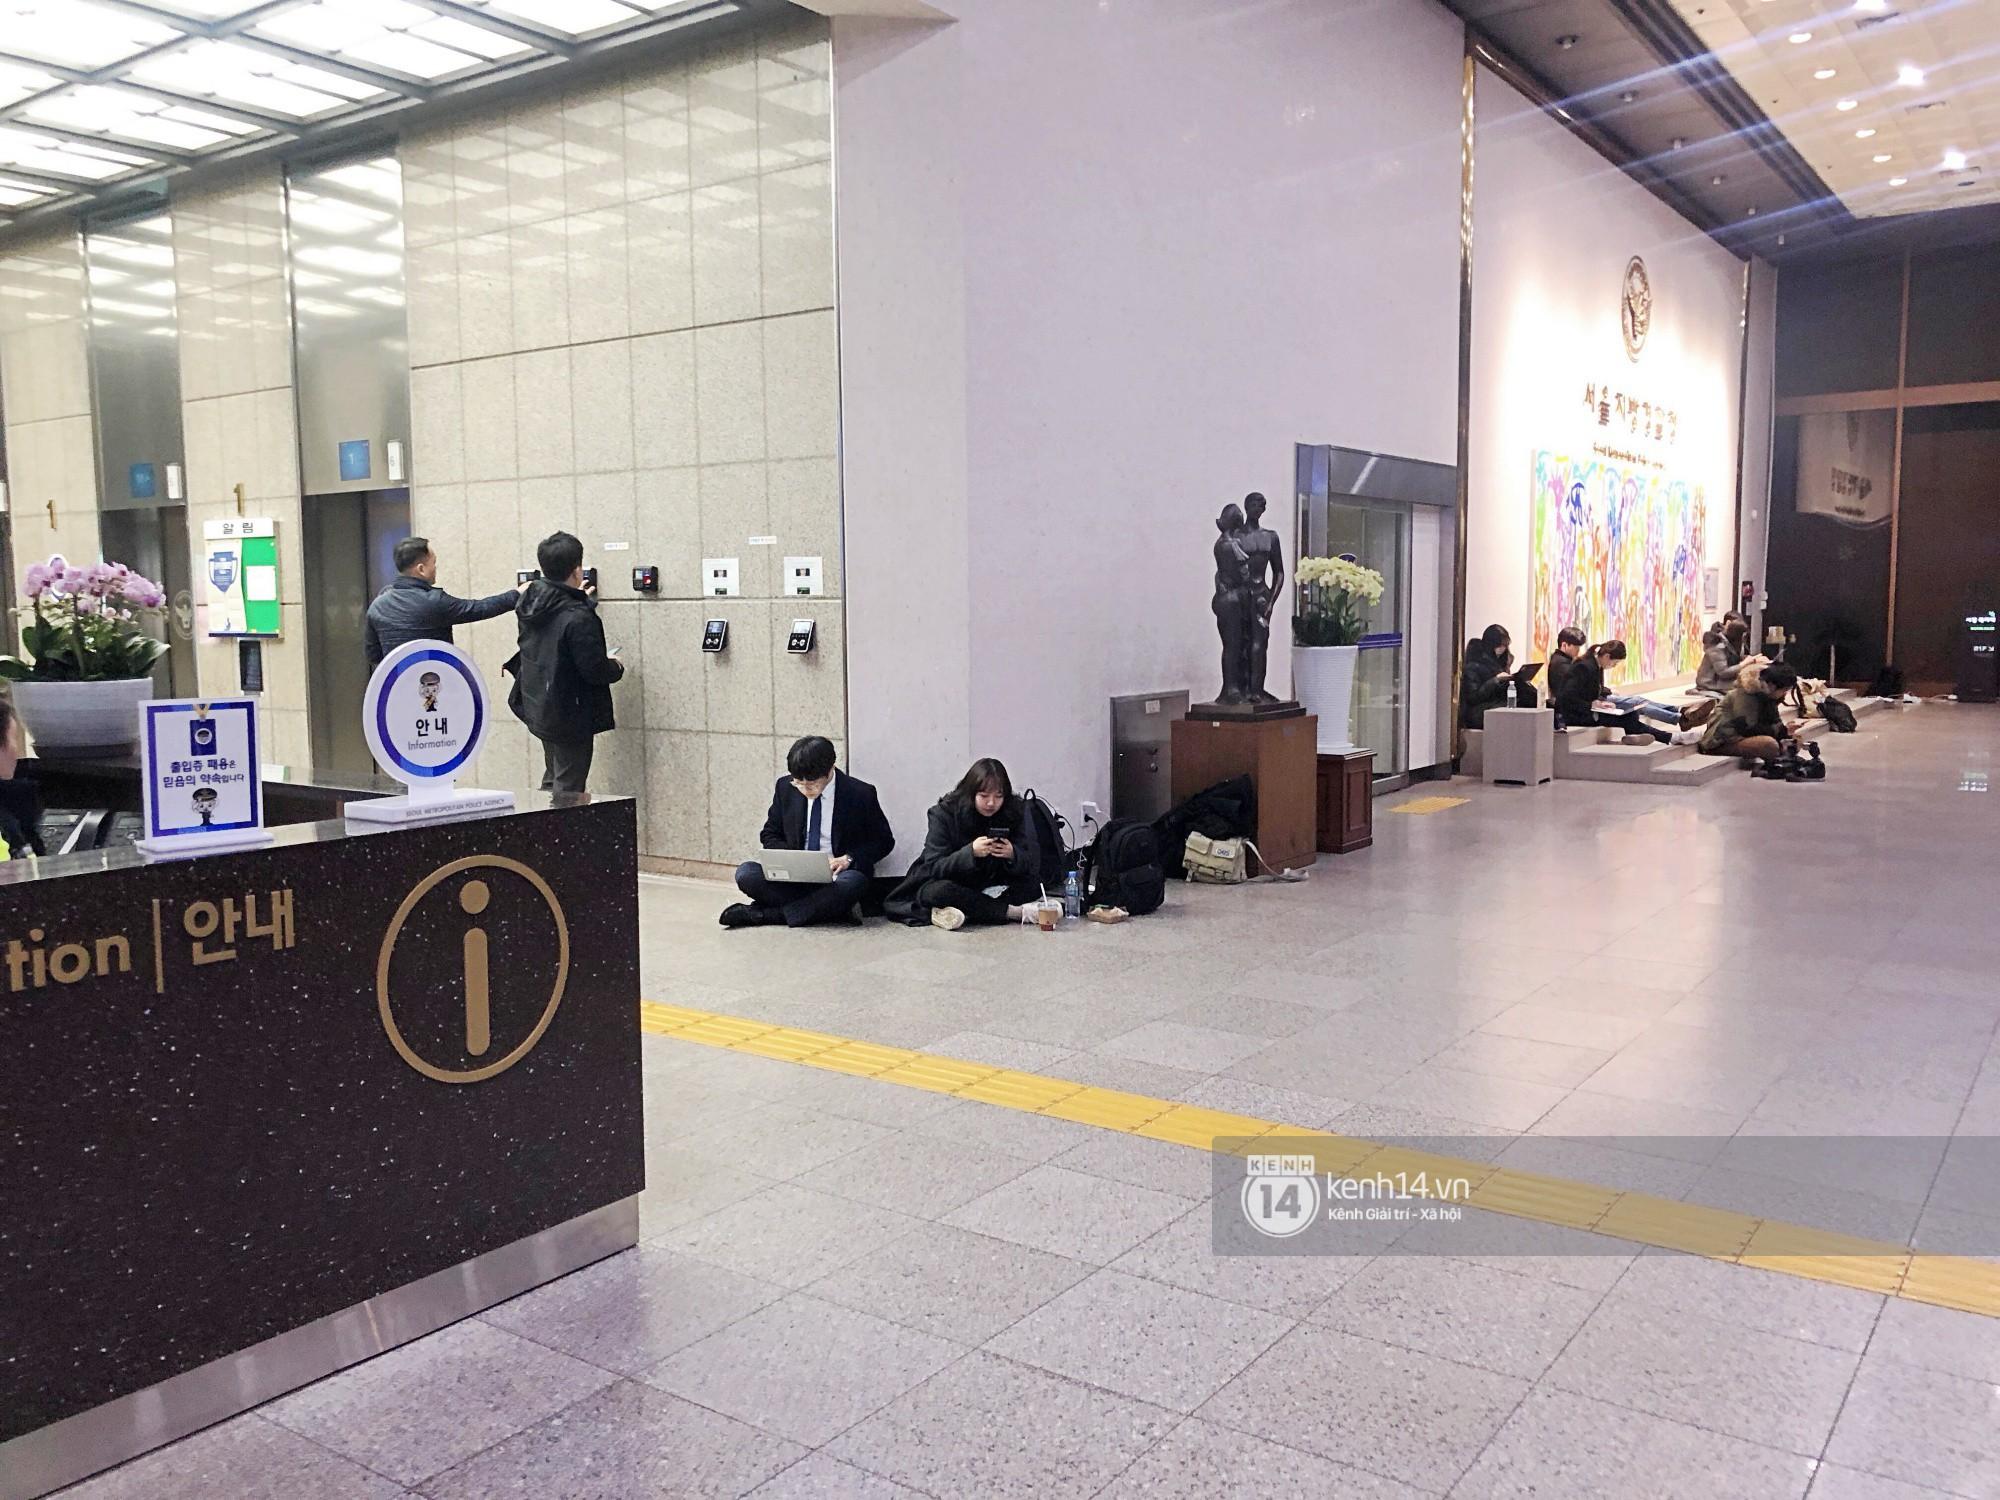 Tường thuật độc quyền từ Hàn Quốc: Seungri, Jung Joon Young chuẩn bị thẩm vấn xong, không khí hiện tại ra sao? - Ảnh 3.